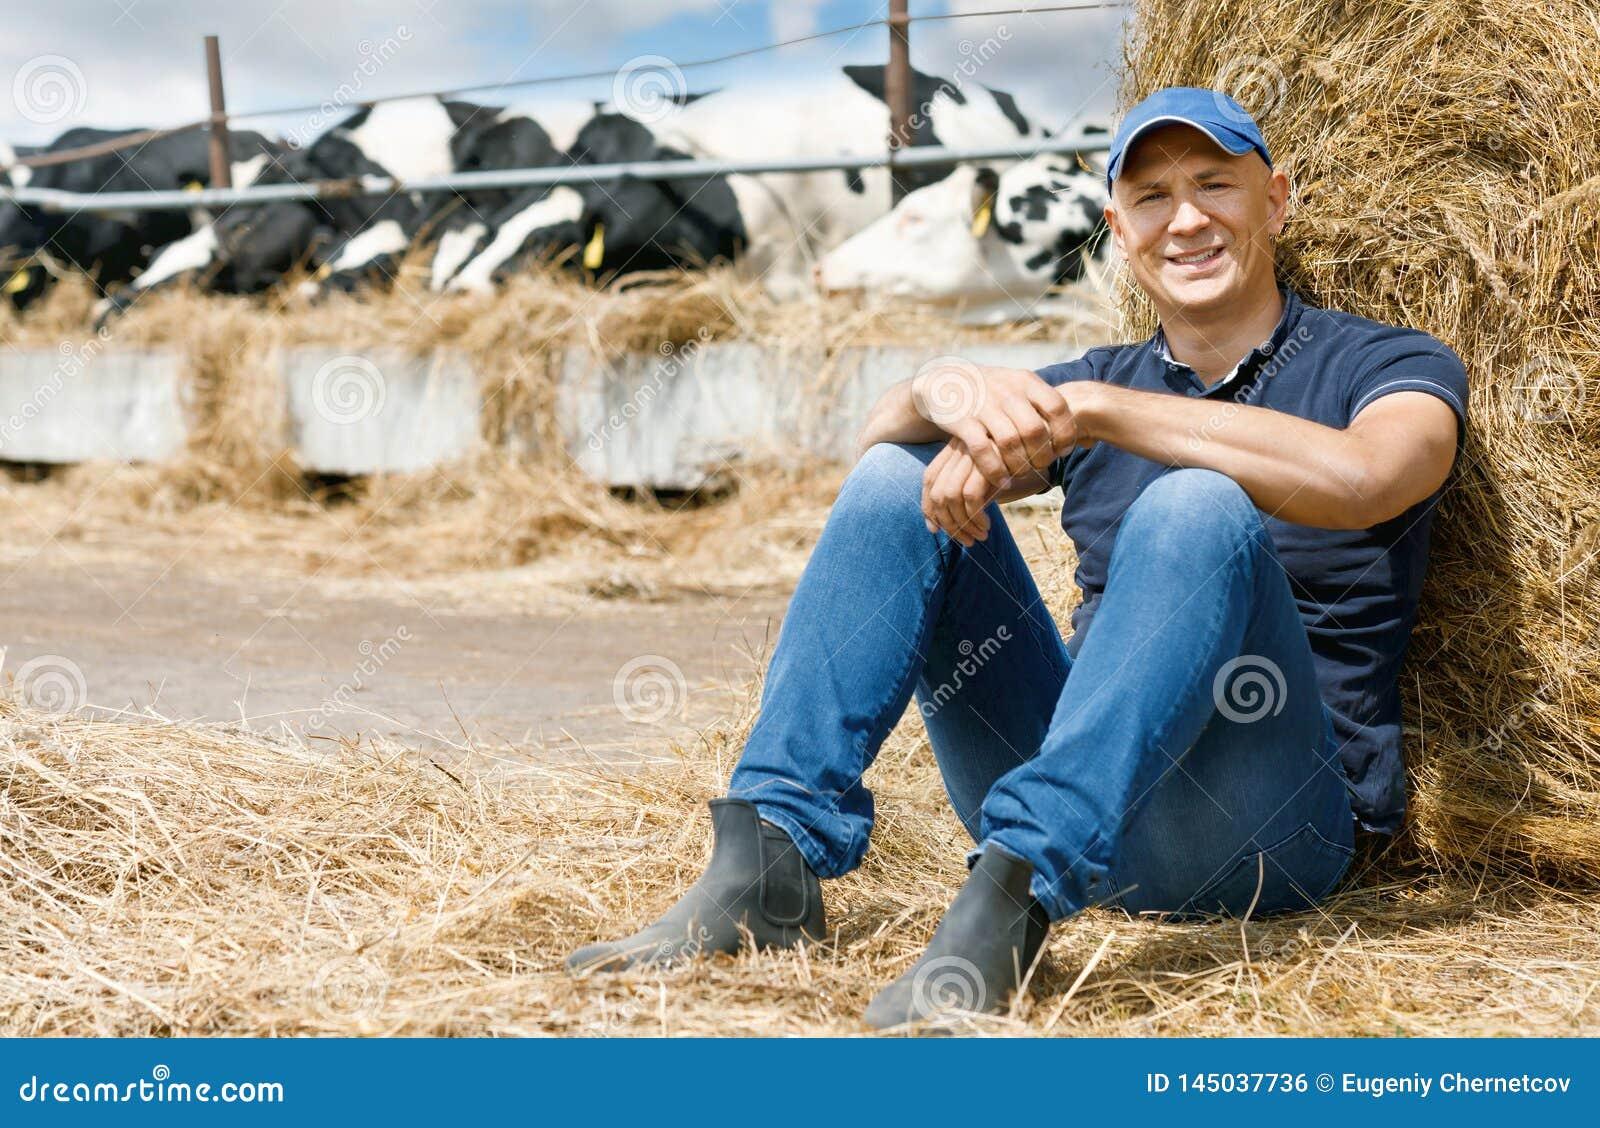 Glad bonde på en lantgård bland kor som sitter på jordning